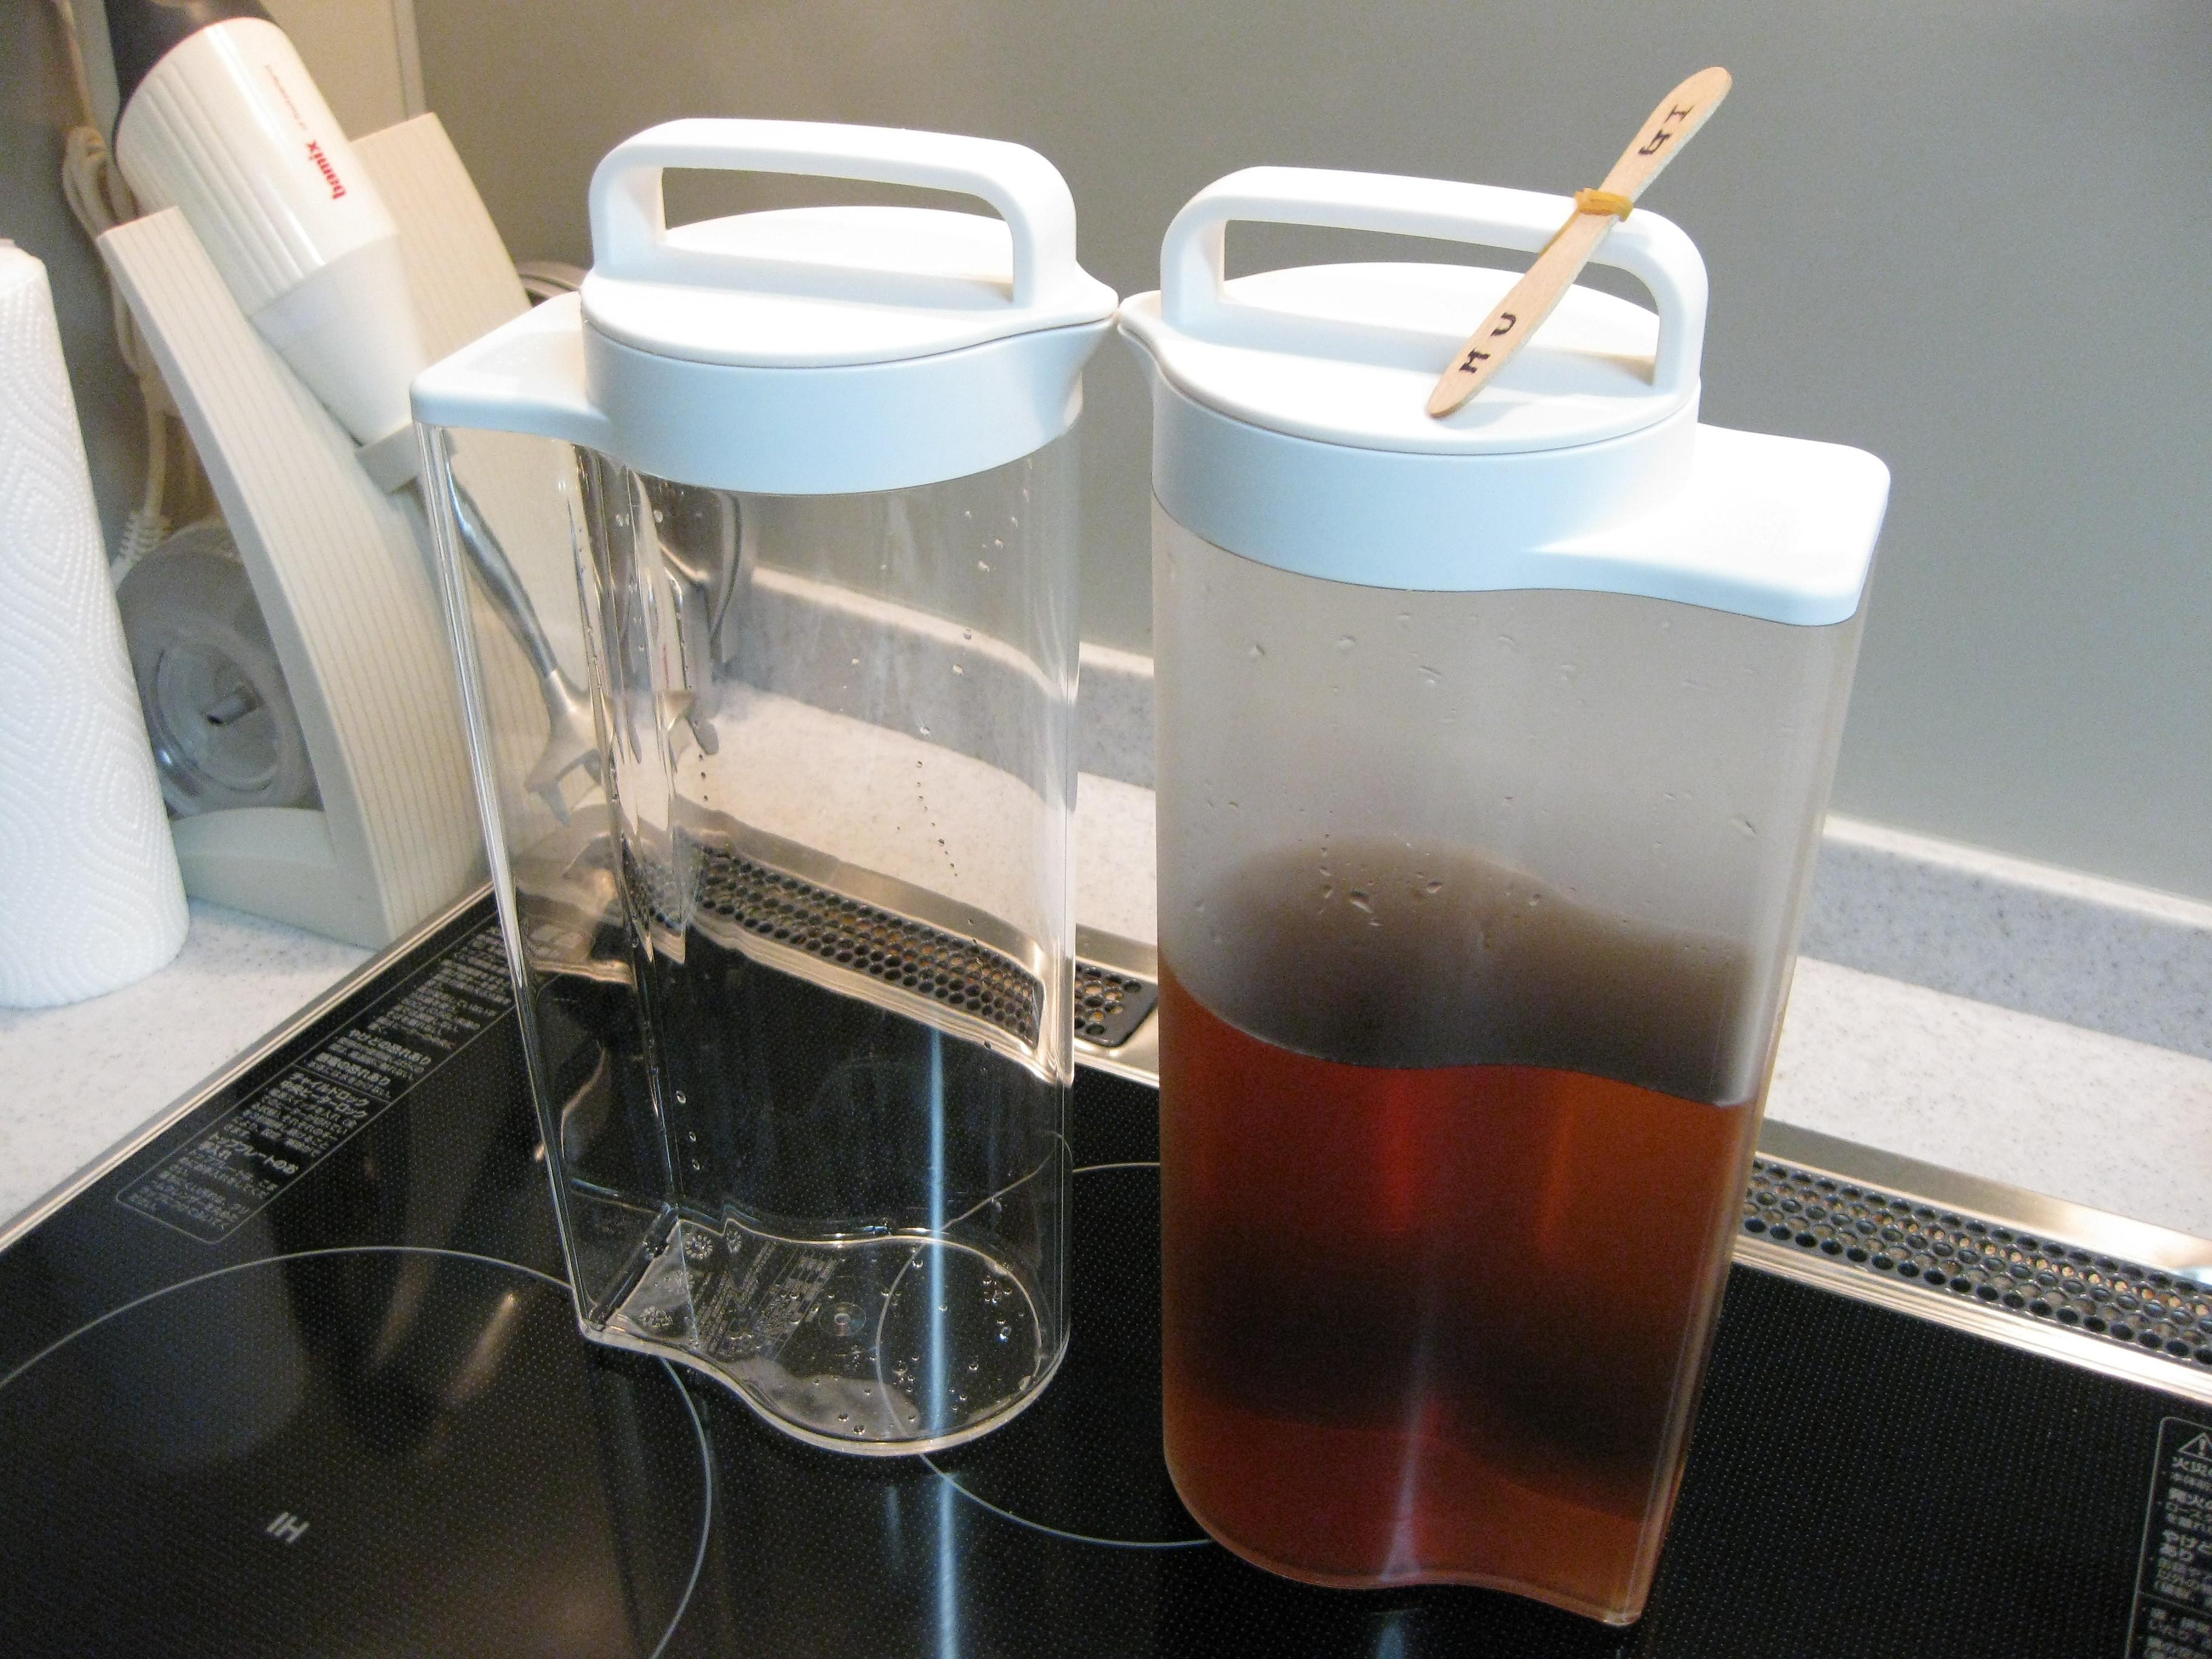 麦茶のポットを買いました。 無印良品です。 今までは、ペットボトルに麦茶を入れていました。 でも、中が洗いにくいし、汚れが取れなくなってきたときにお茶が入った  ...